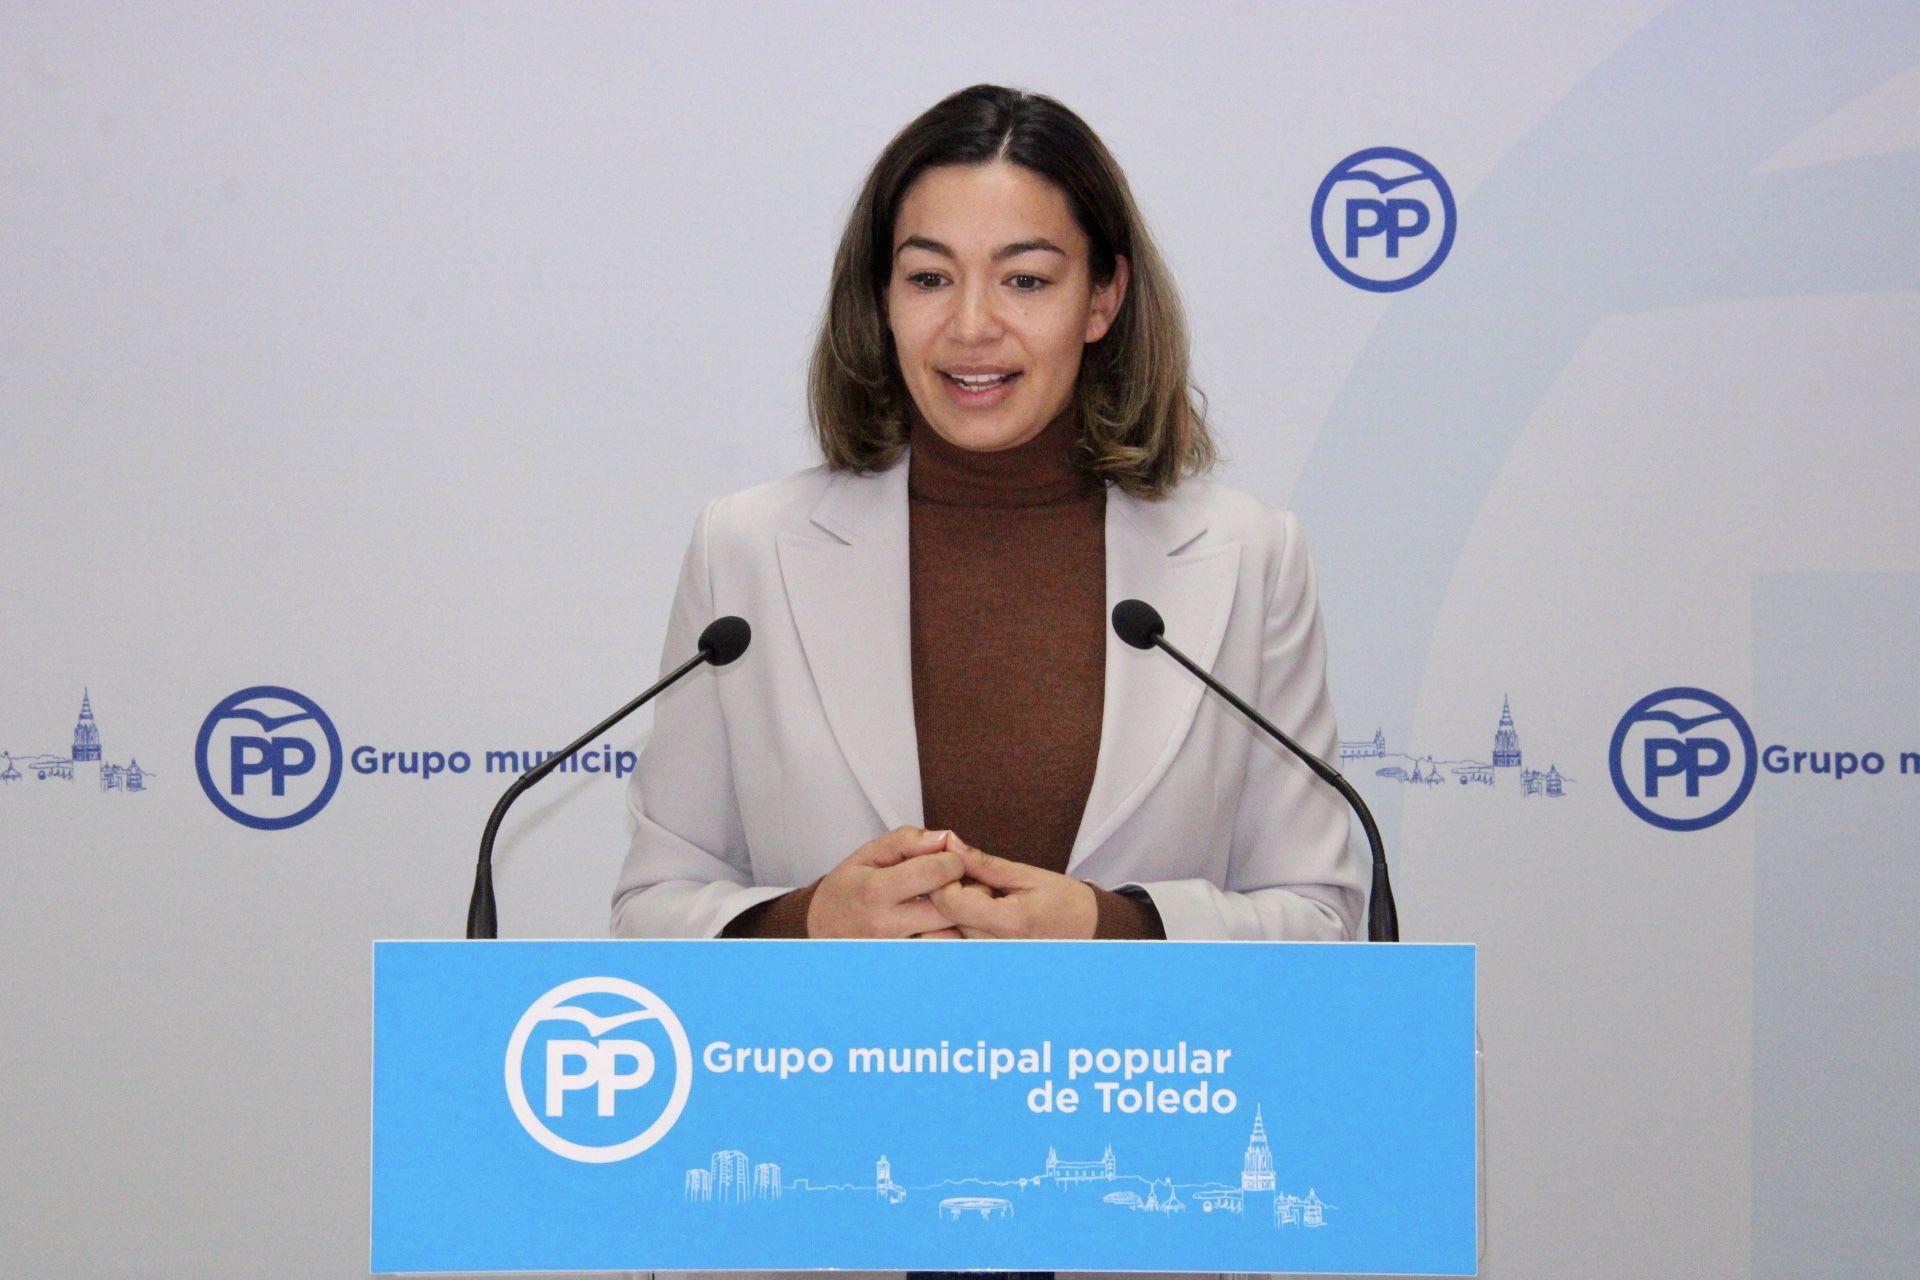 El PP propone una rebaja de la presión fiscal para el siguiente ejercicio que incluye 'bonificaciones Covid' con rebajas de 50 euros lineales en el IBI y la suspensión de la tasa de terrazas